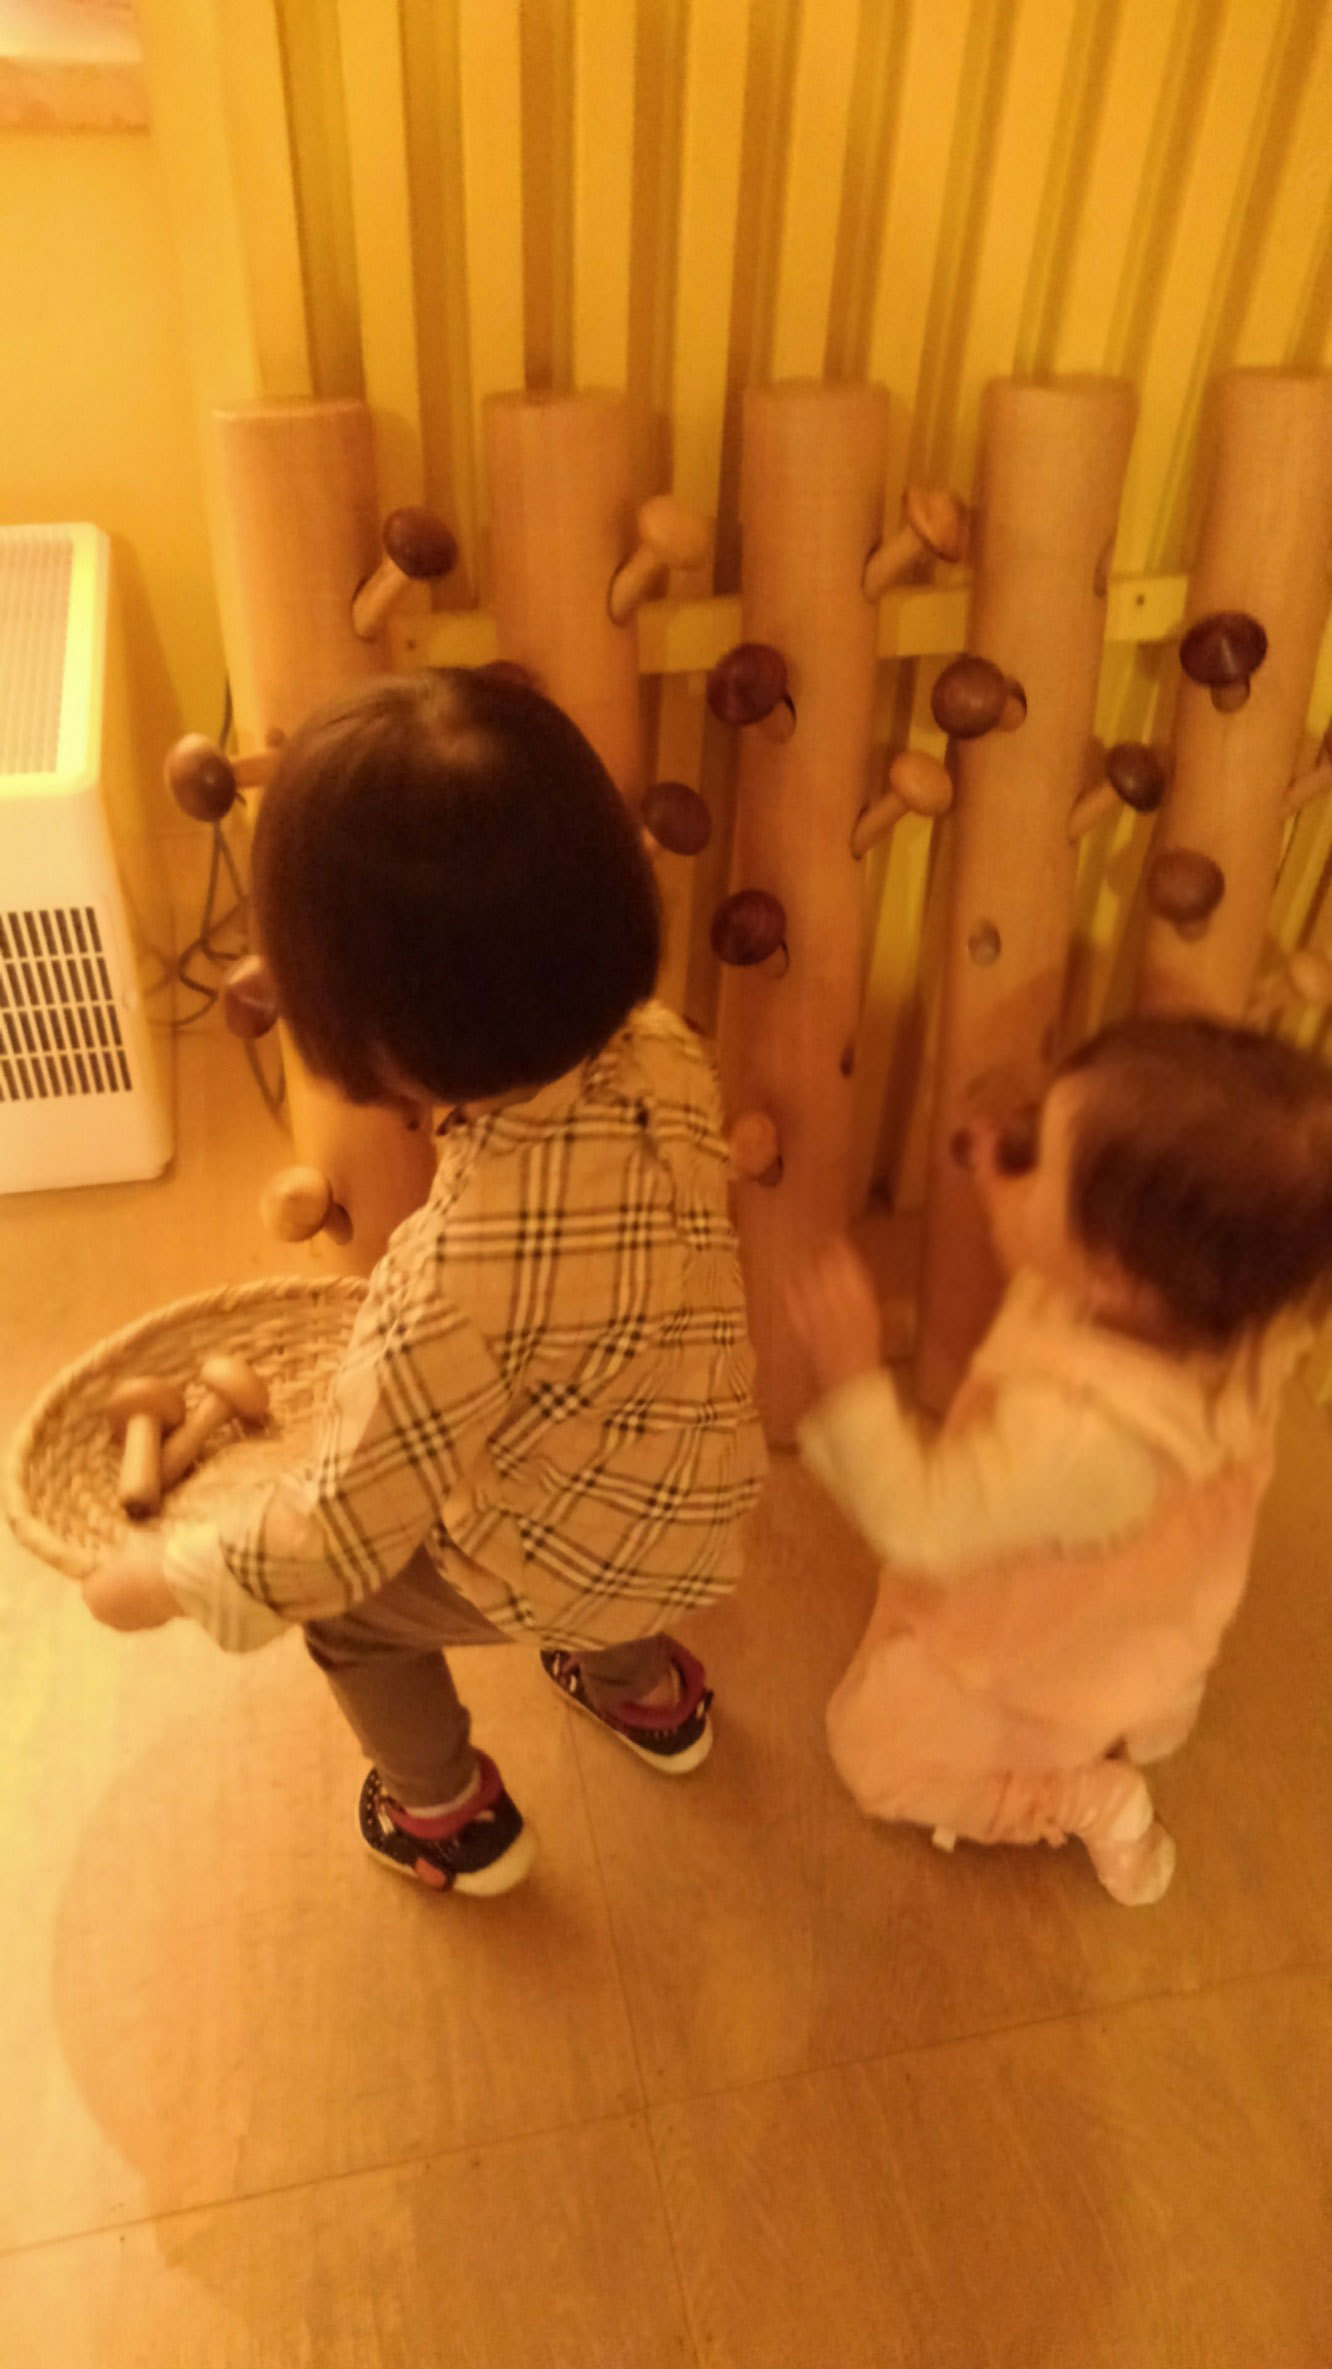 VINICE CLUBダイアリー  さっちー の「子供と一緒に楽しく遊べる!東京おもちゃ美術館に行ってきました。」をUPしました。